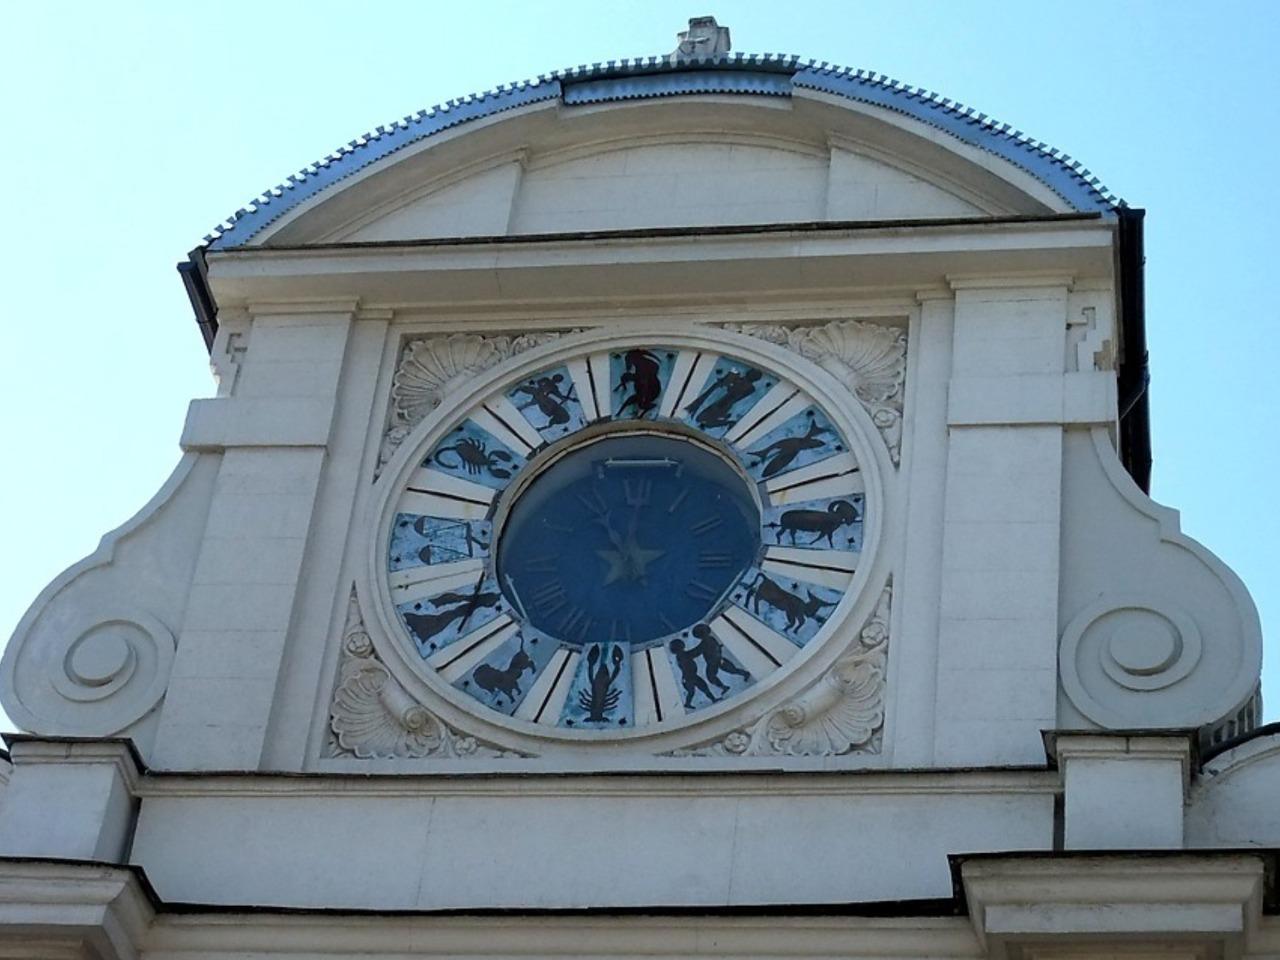 Астрологический Петербург - индивидуальная экскурсия по Санкт-Петербургу от опытного гида